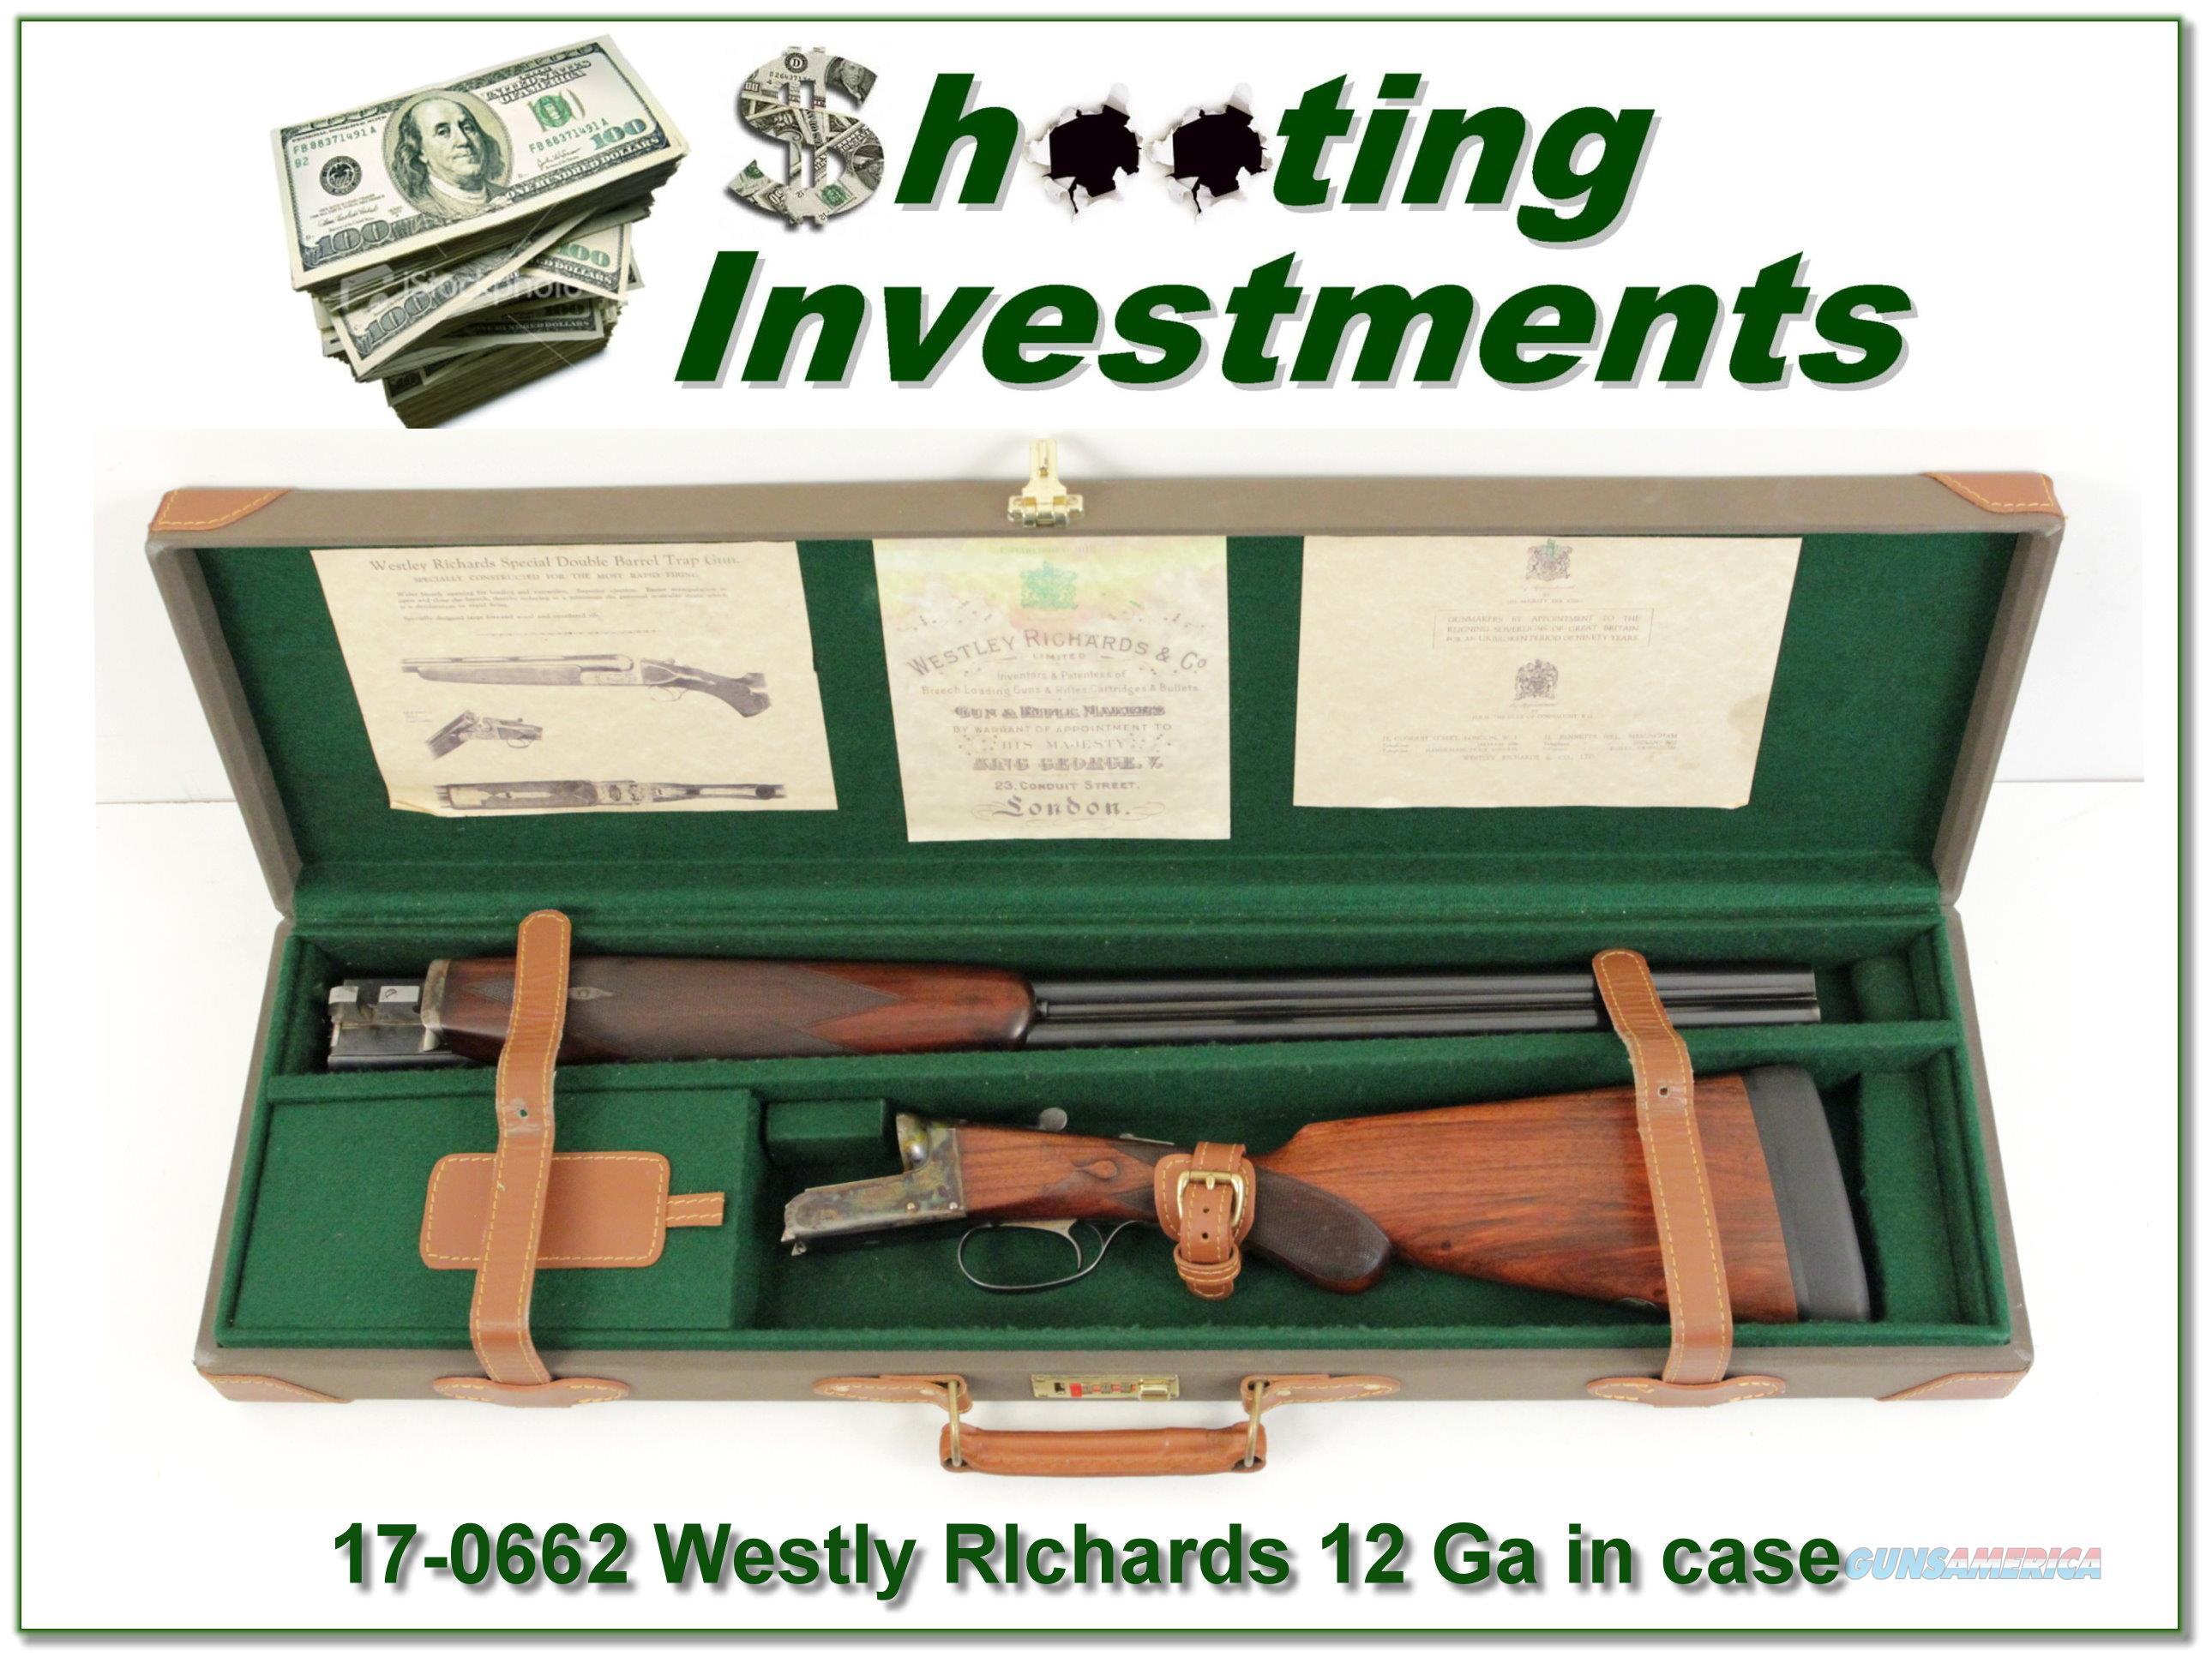 Westley Richards 12 Gauge Exc Cond in case  Guns > Shotguns > Westley Richards Shotguns